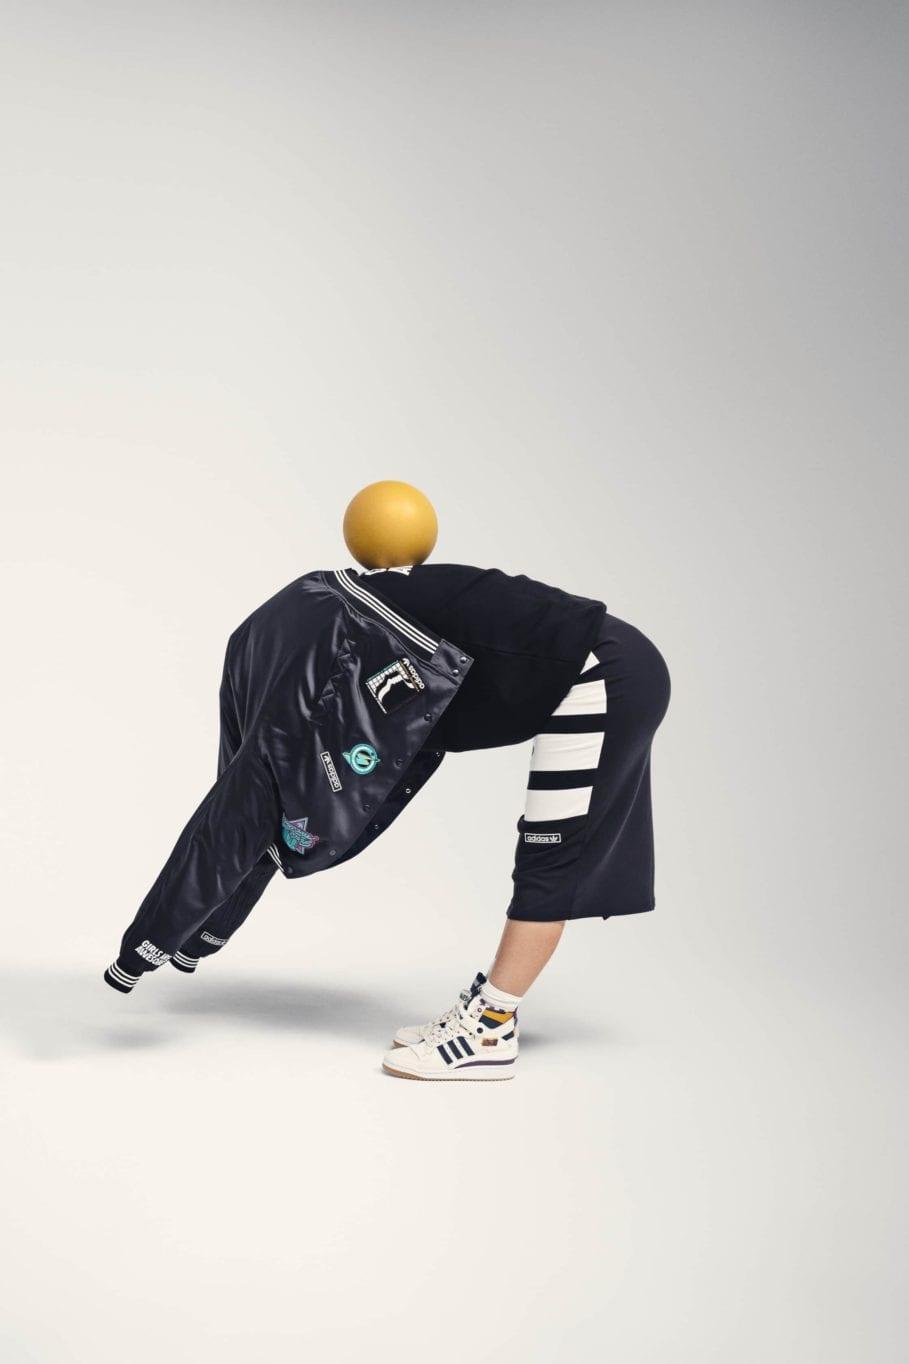 アディダス オリジナルス × ガールズ アー オーサム コレクション adidasxGirlsAreAwesome_VarsityJacket